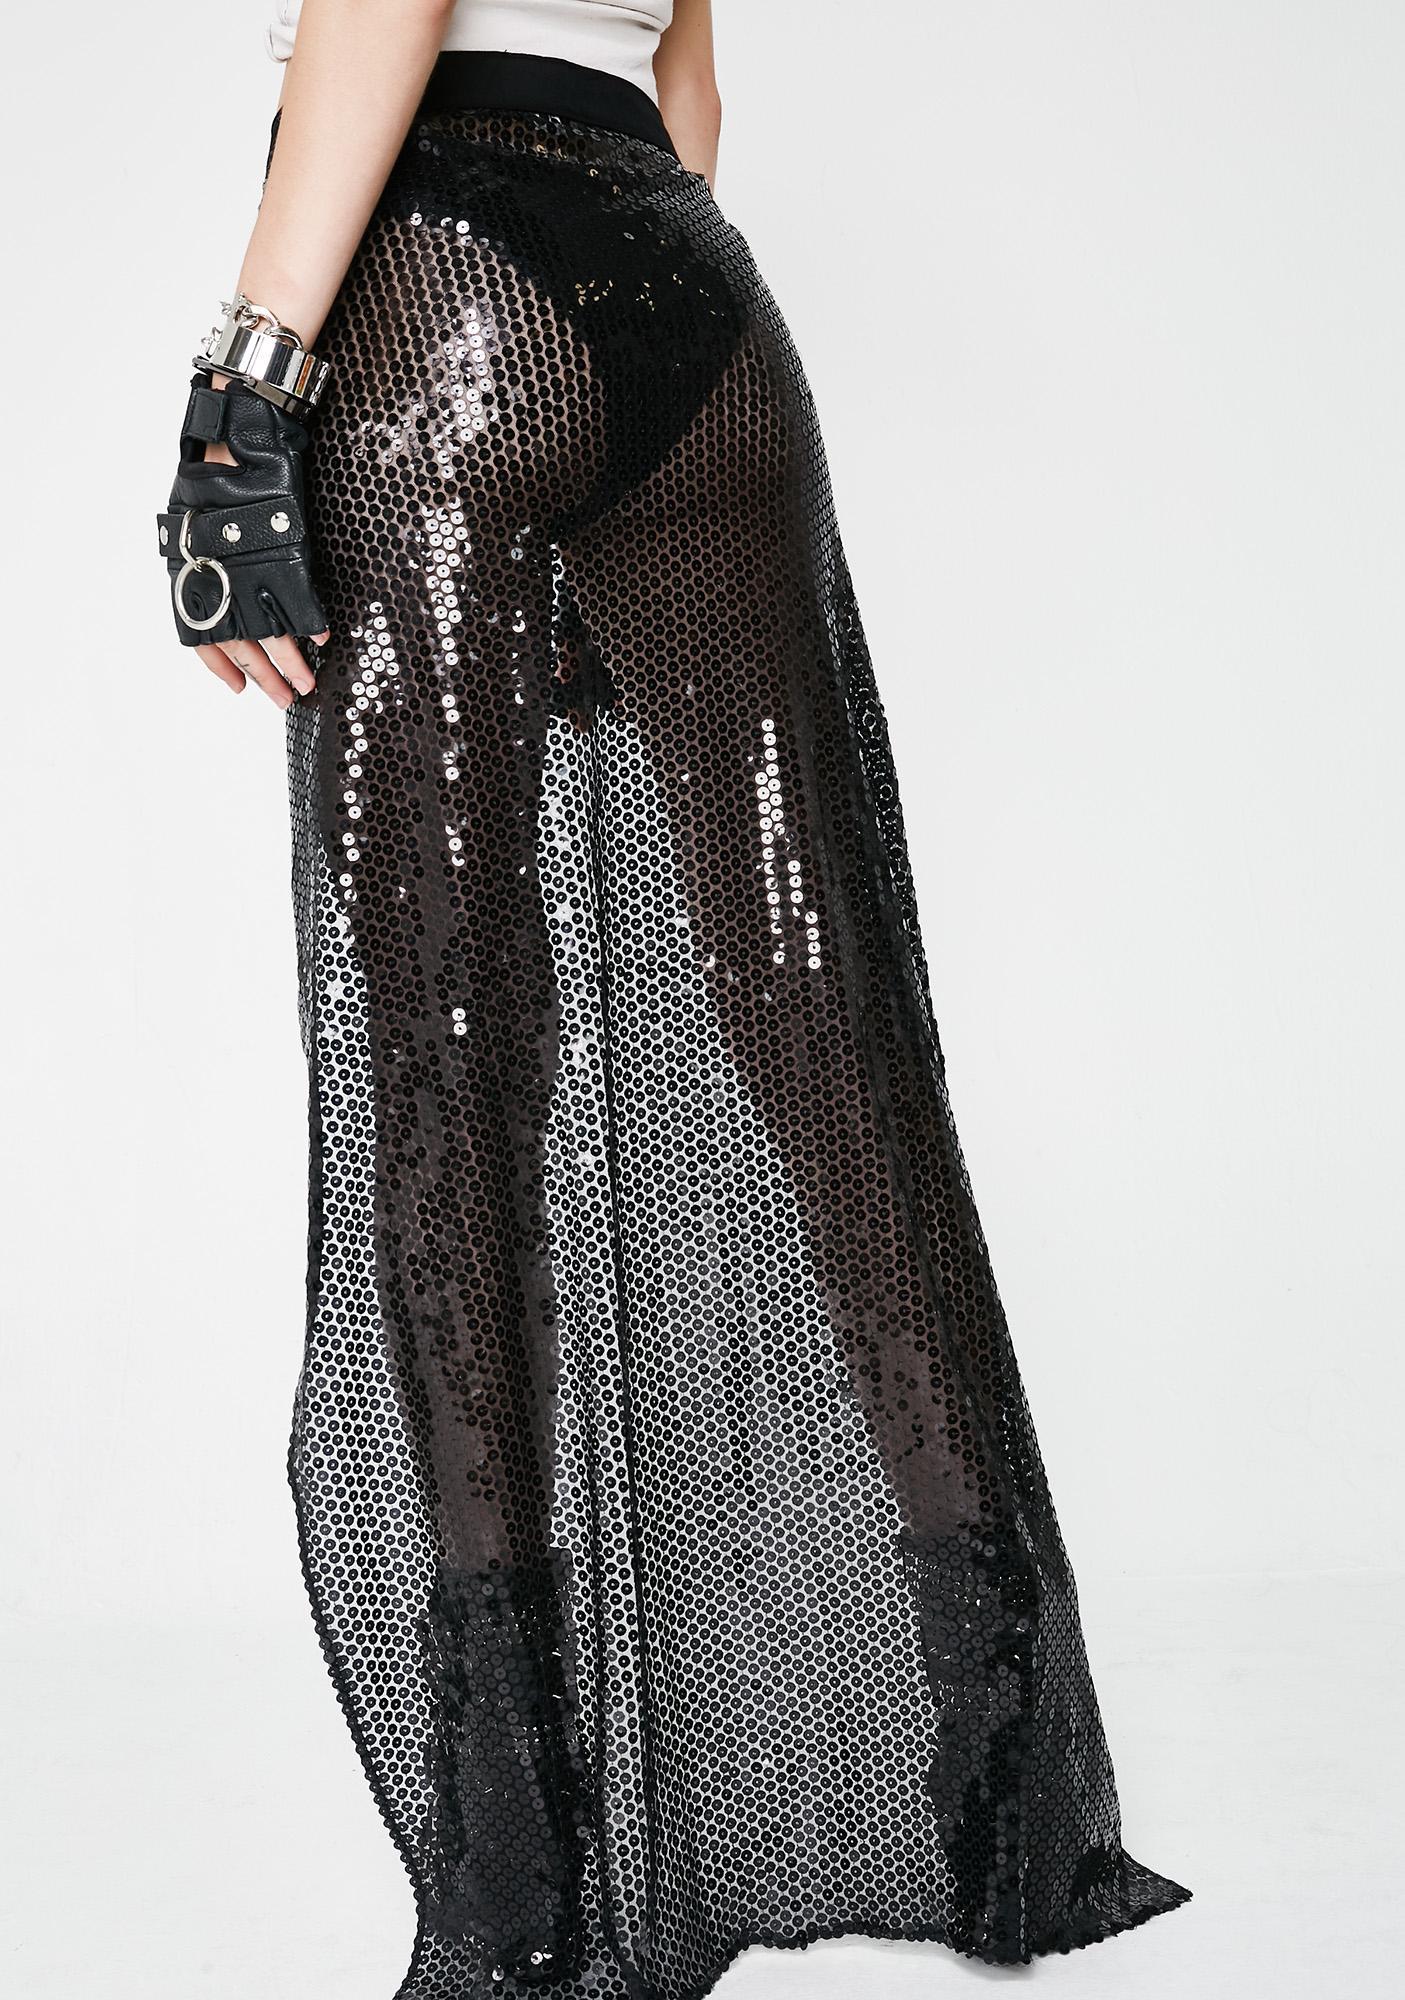 Soulan Zee Black Sequined Skirt